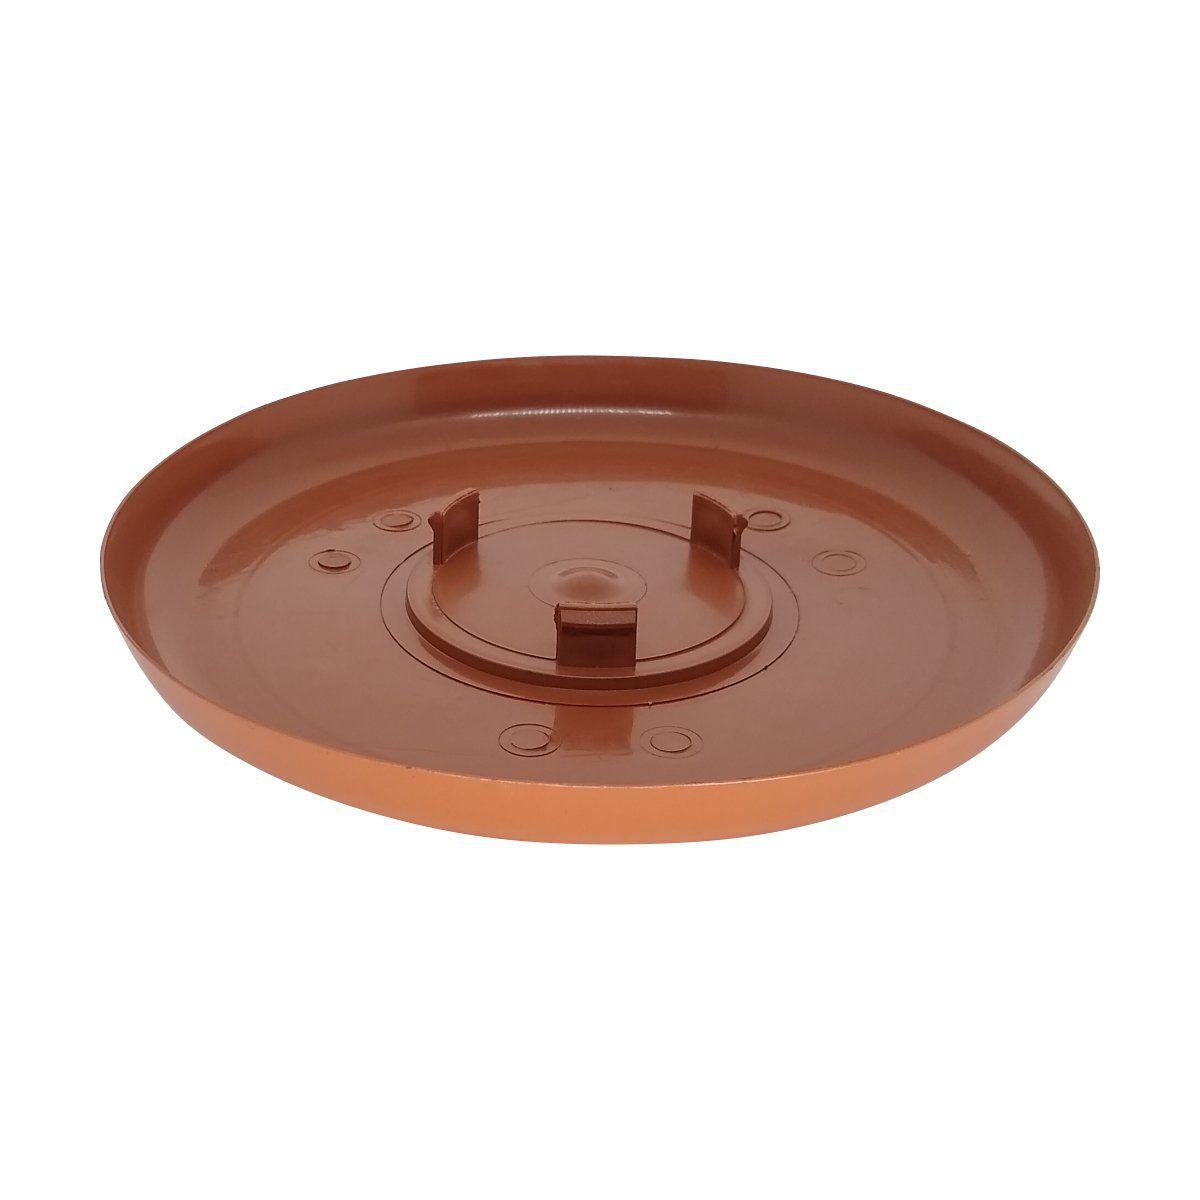 Kit Cuia Nobre 03 Cerâmica